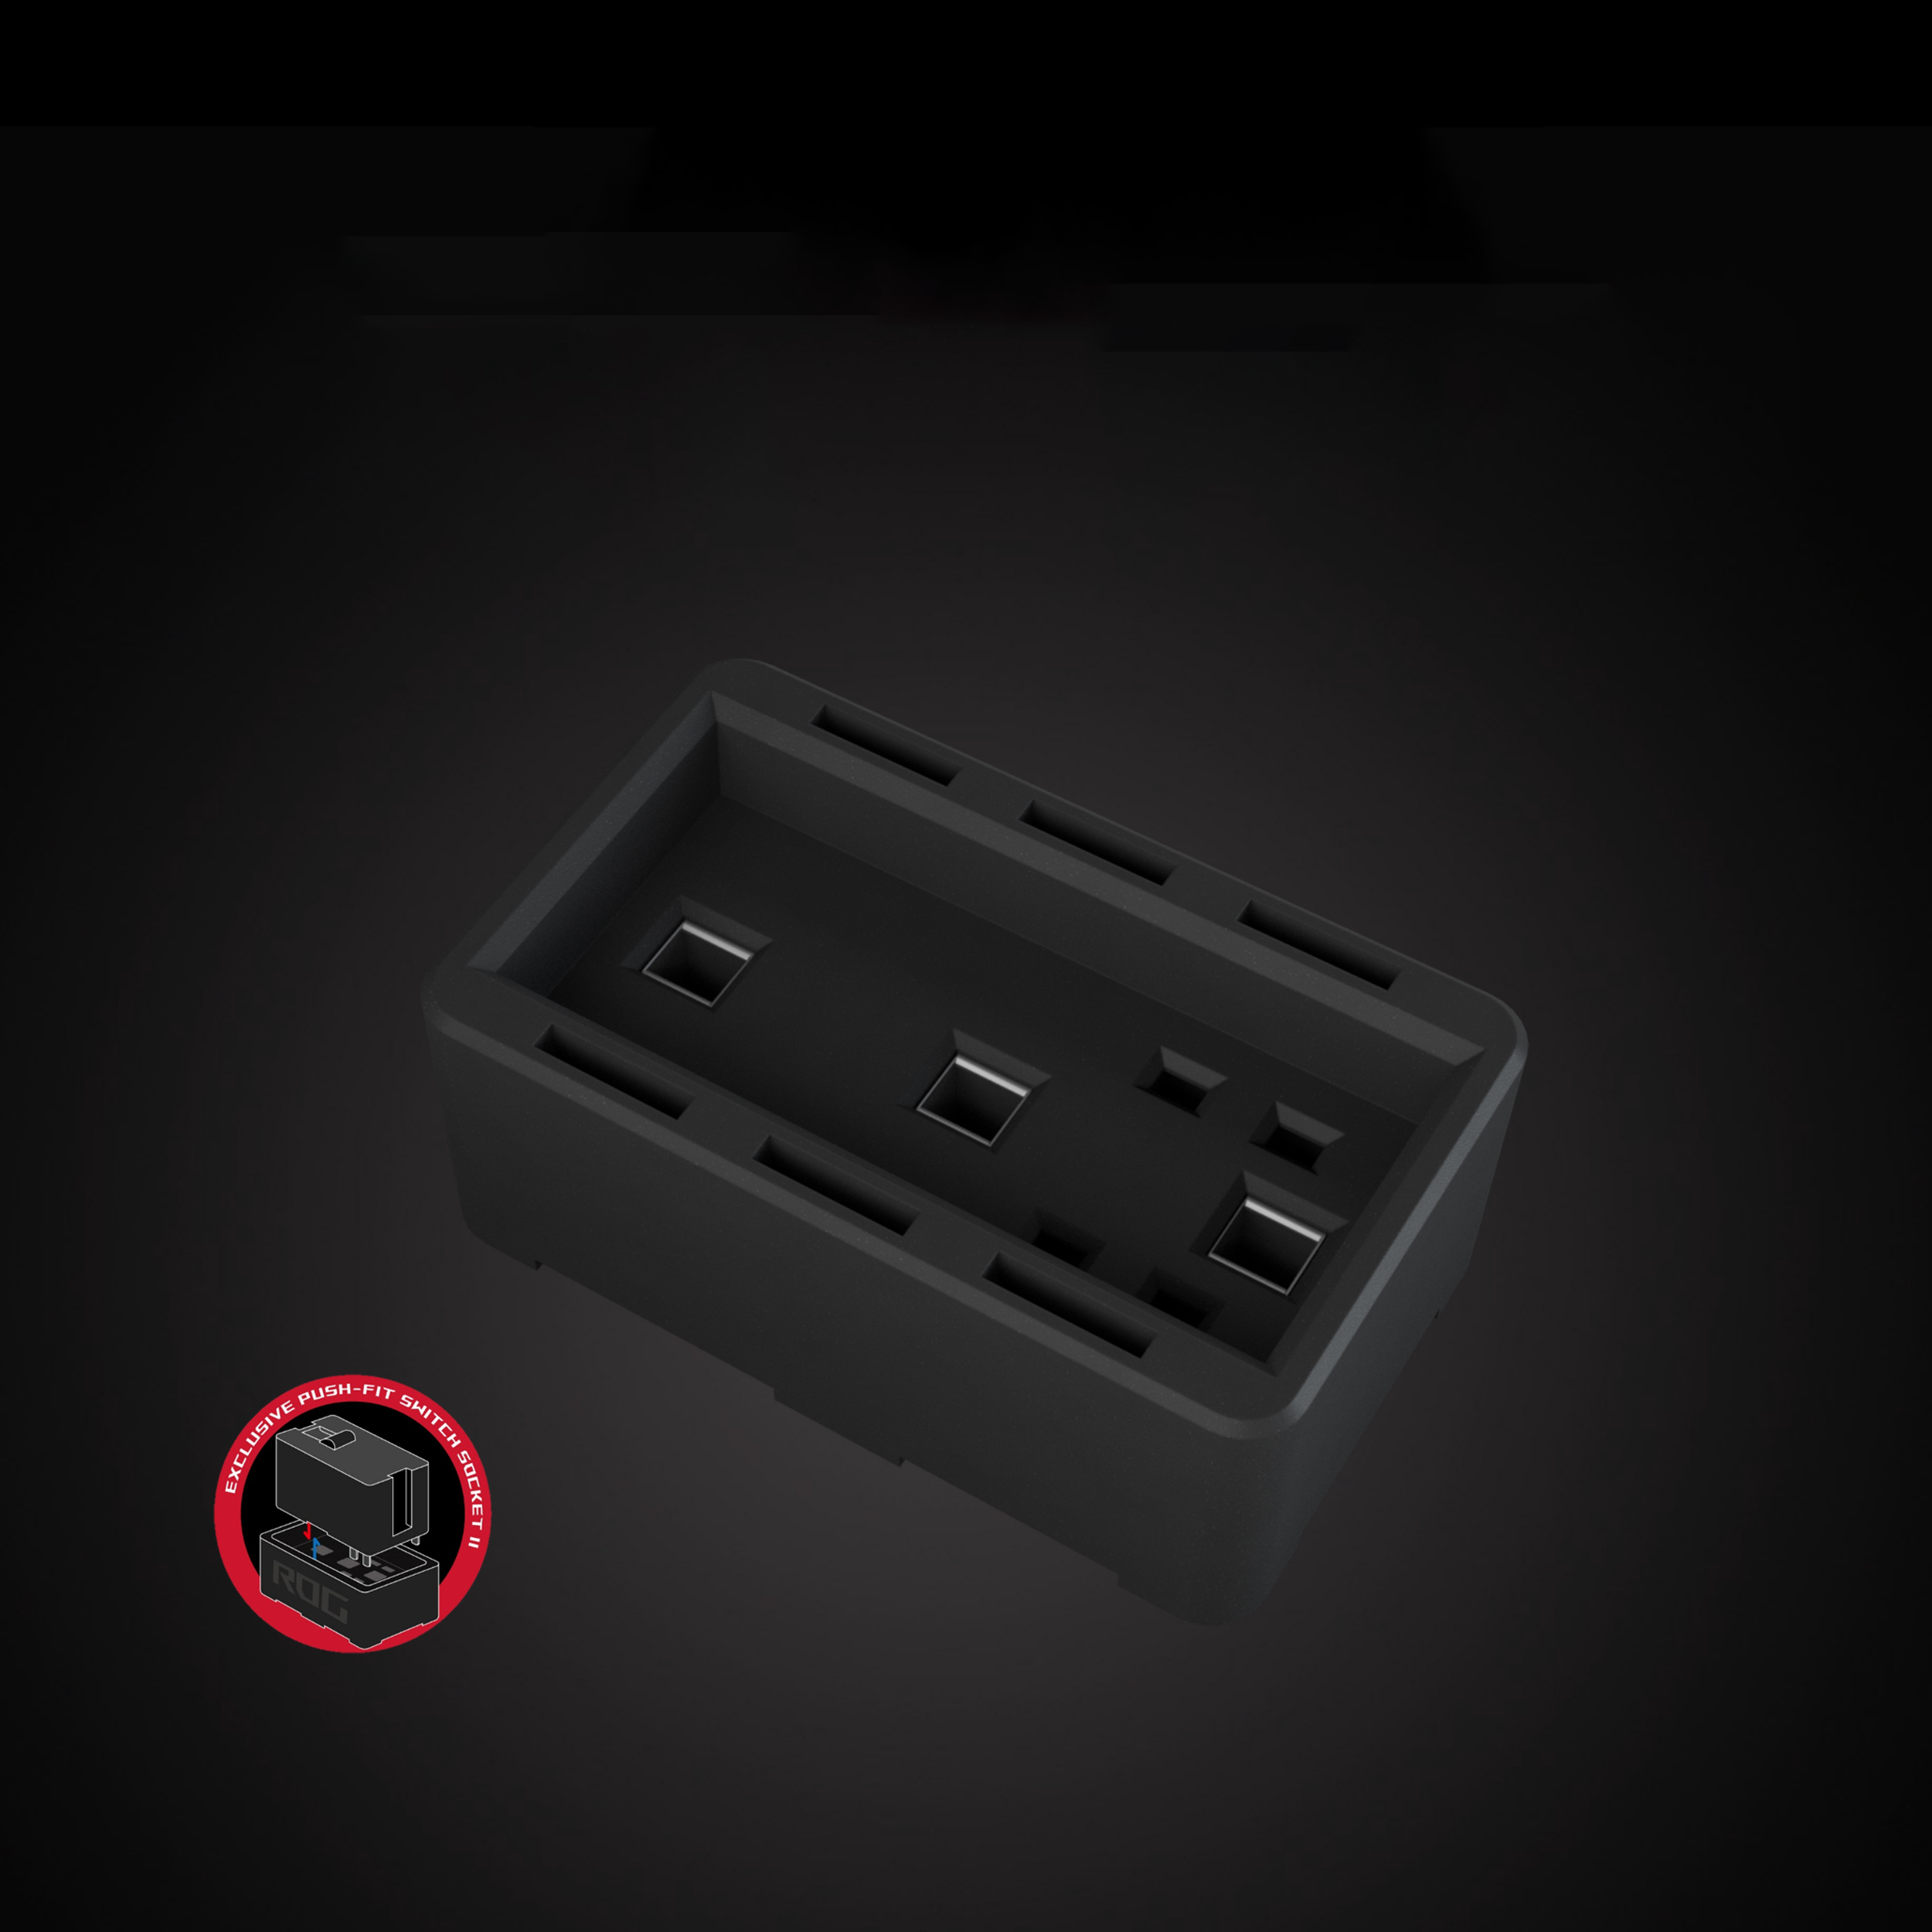 Chuột không dây Asus ROG Gladius III Wireless (USB/RGB/màu đen) trang bị socket thay switch mới